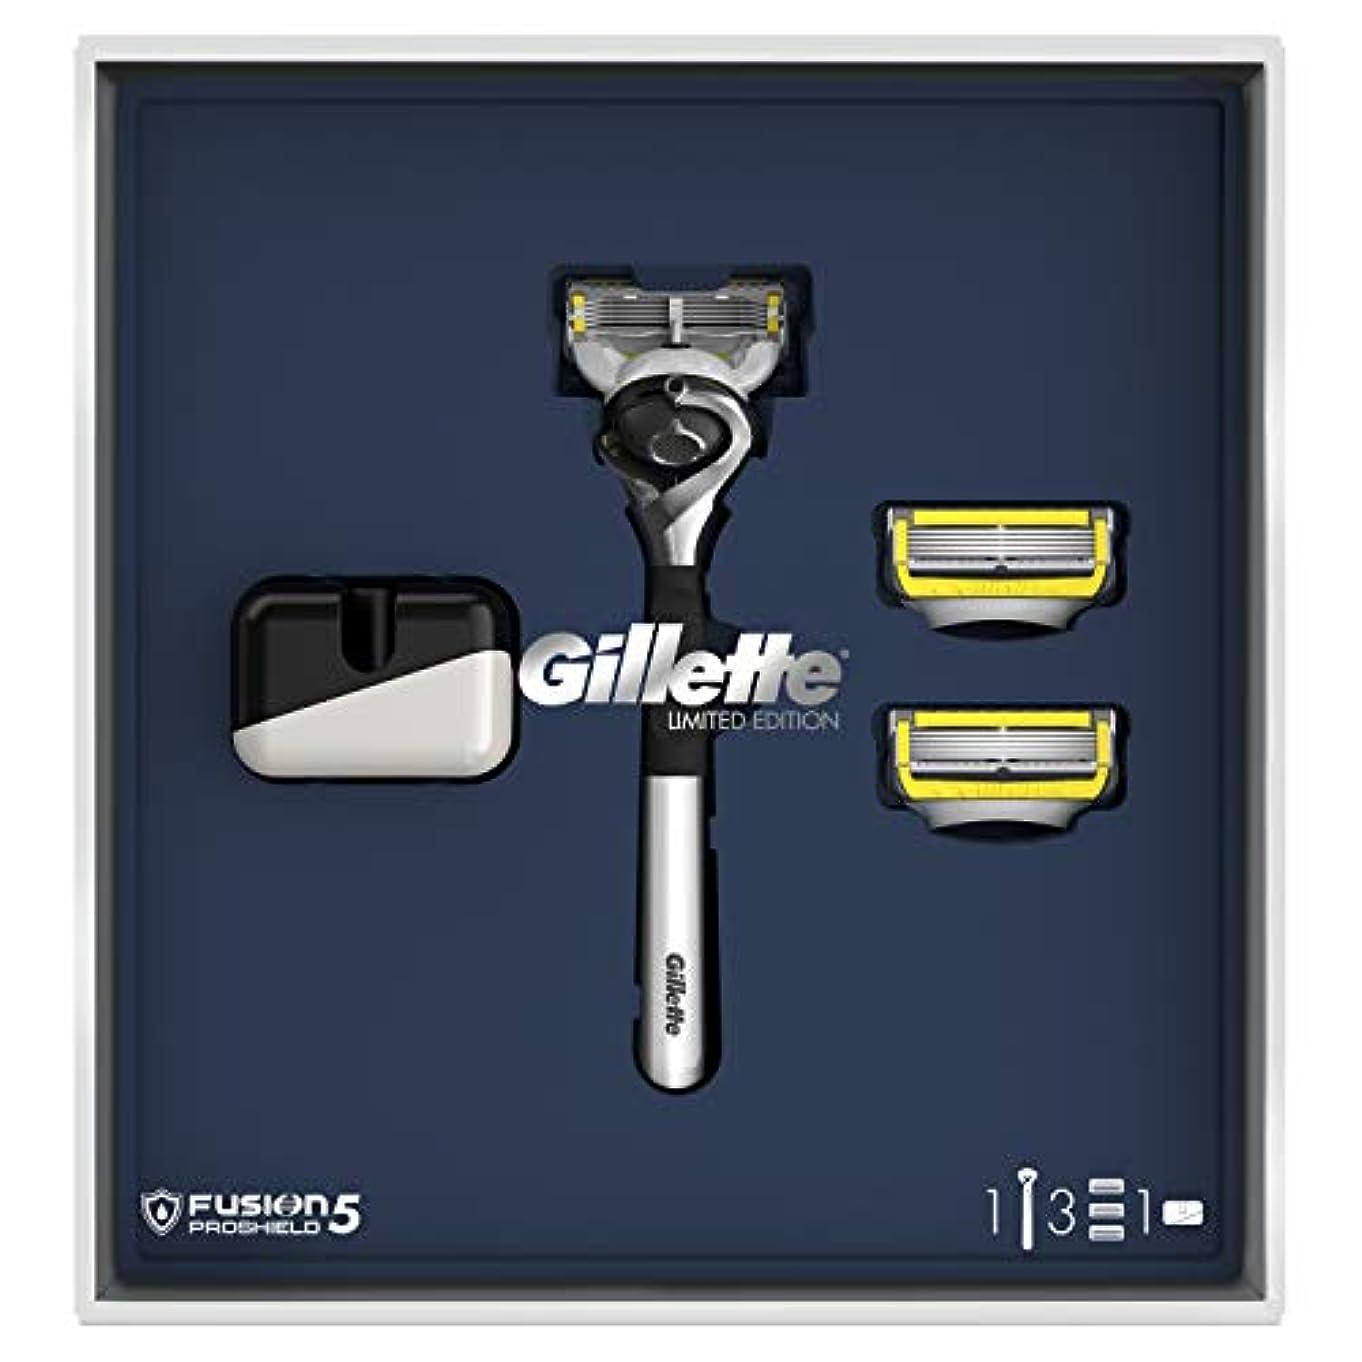 特定の性差別増幅するジレット プロシールド 髭剃り本体+替刃3個 オリジナルスタンド付 スペシャルパッケージ